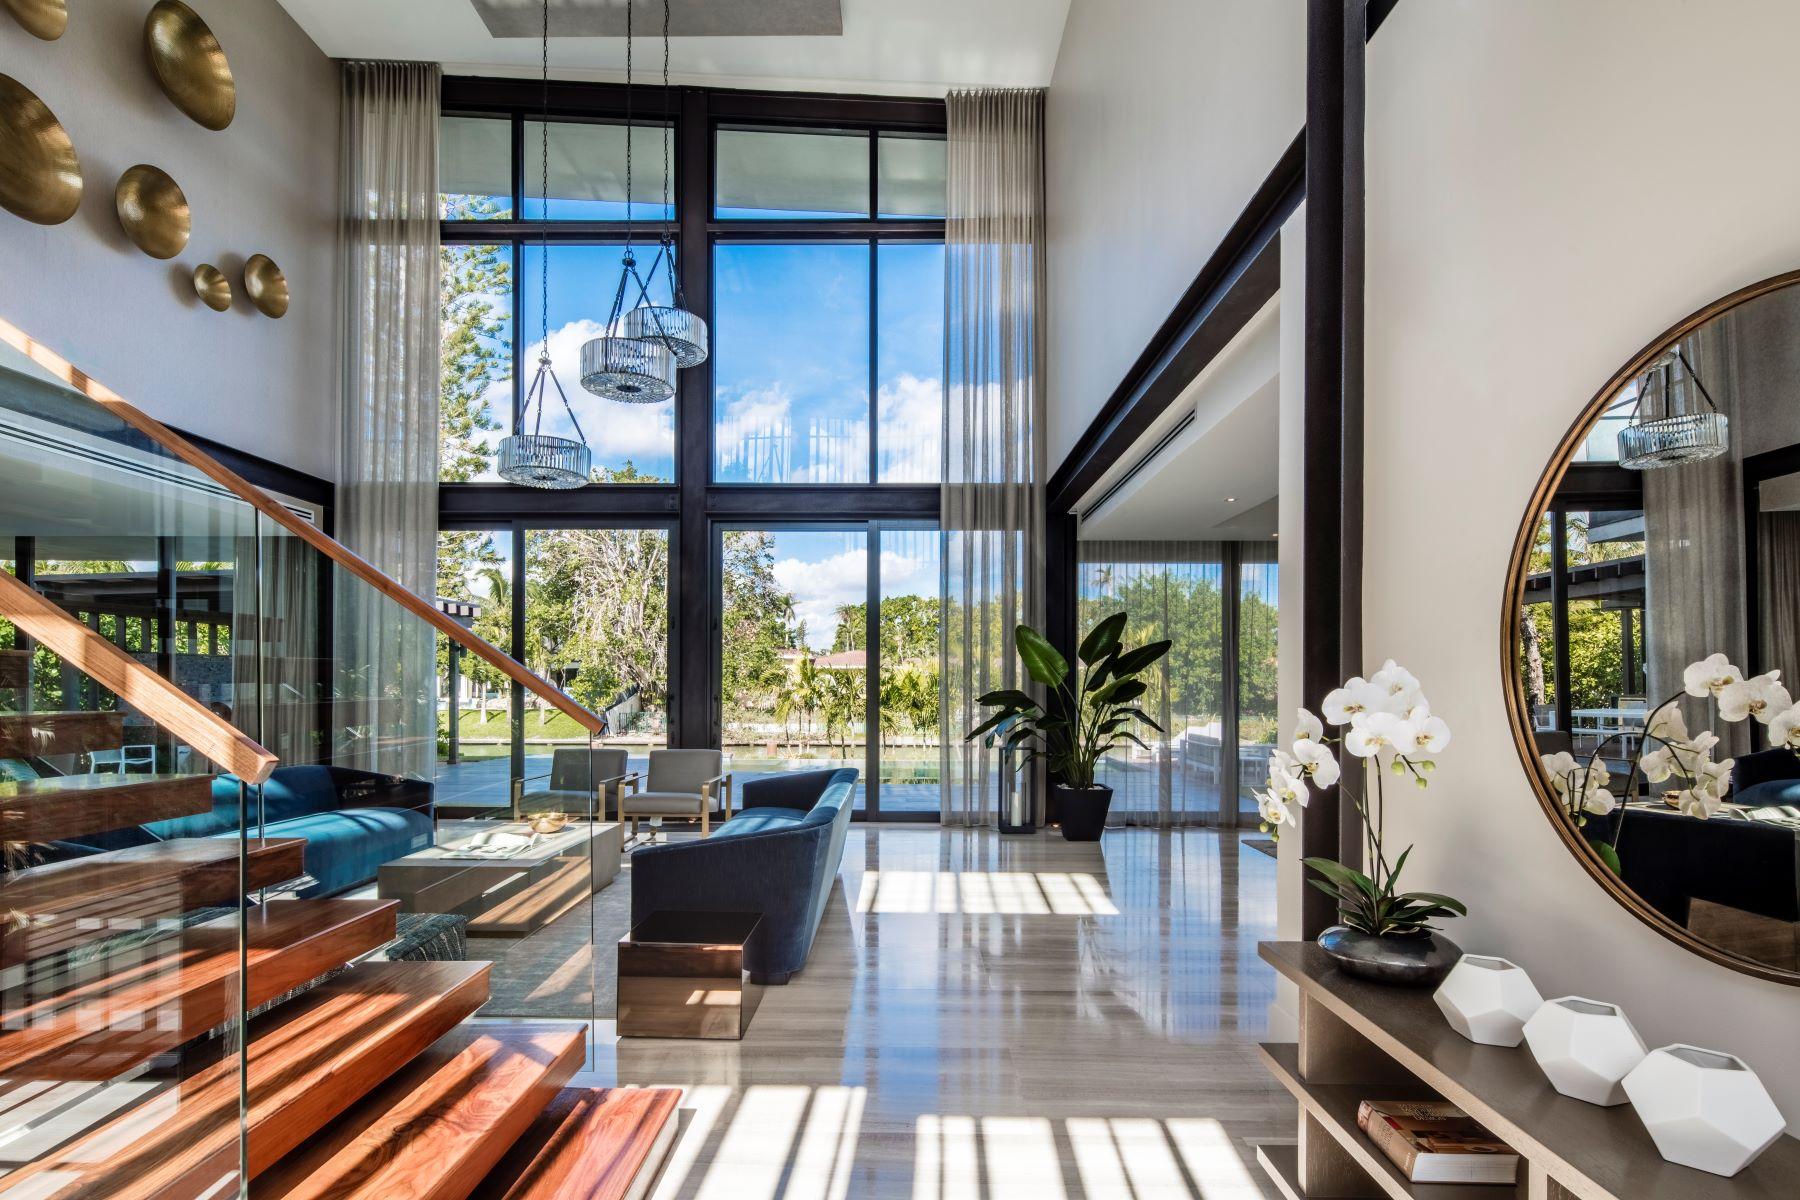 Частный односемейный дом для того Продажа на 721 Buttonwood Ln 721 Buttonwood Ln Miami, Флорида 33137 Соединенные Штаты